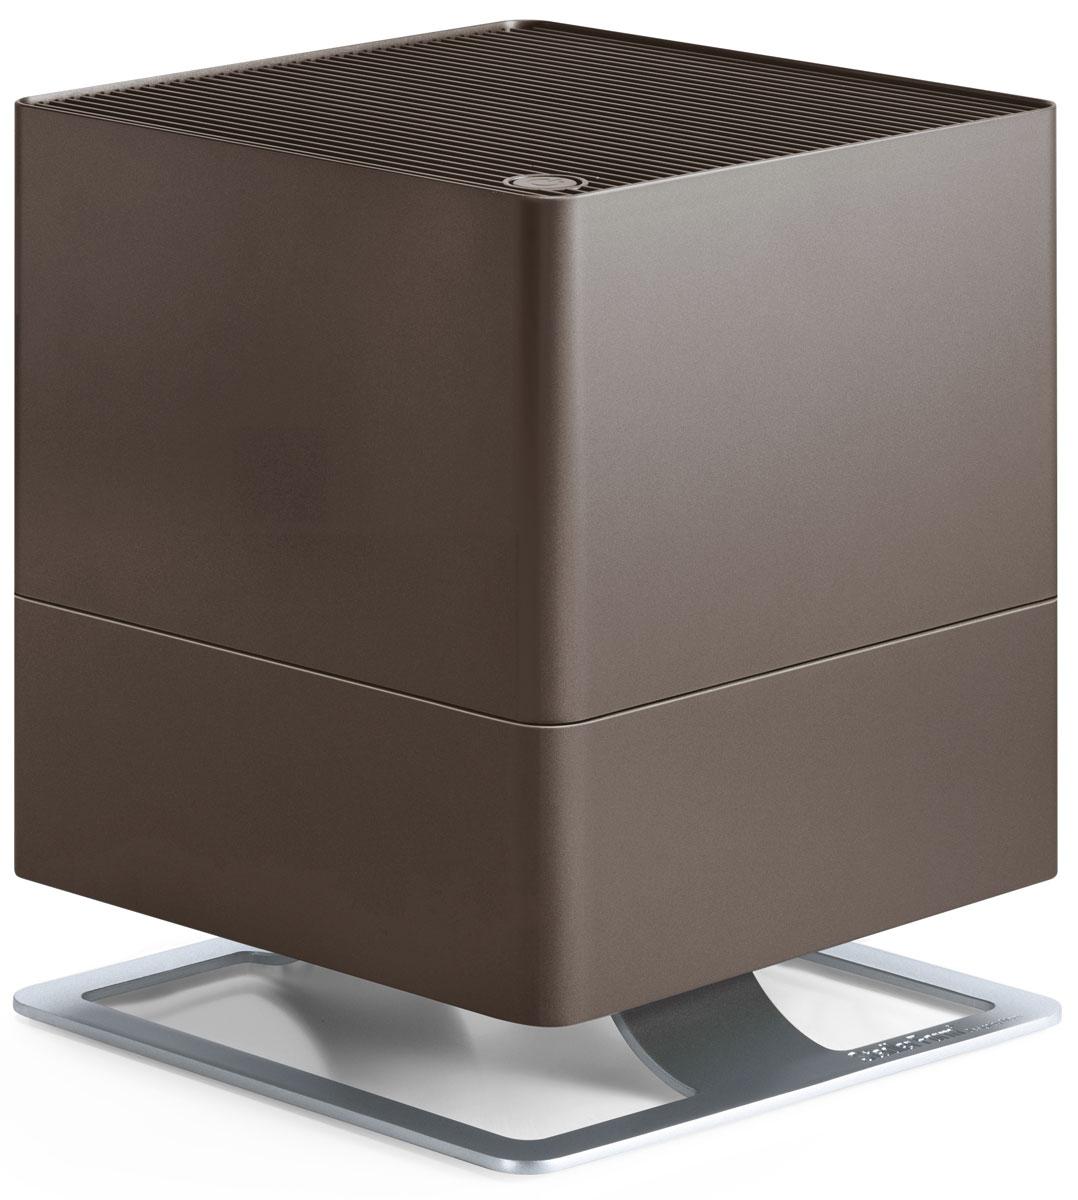 Stadler Form Oskar, Bronze увлажнитель воздуха0802322005561Поддержание оптимального уровня влажности – актуальная необходимость для помещений, где работаюткондиционеры, отопительные приборы, для оранжерей и медицинских учреждений. Stadler Form Oskar – это идеальный выбор,ведь в таких помещениях очень важно сбалансированное сочетание высокой производительности и умеренногоэнергопотребления. Соблюдение этого баланса – главное достоинство увлажнителя Oskar: припроизводительности около 300 мл/час, его энергопотребление составляет всего 18 Вт. Это соответствует егоработе на максимальной мощности, что позволяет за короткий срок значительно повысить уровень влажности.Дальнейшая работа увлажнителя регулируется двумя параметрами. Во-первых, устанавливается желаемыйпроцент влажности, по достижению которого прибор отключается по команде встроенного гигростата. Во-вторых,из четырех скоростей воздушного потока можно выбрать желаемую вручную, таким образом настроивинтенсивность работы вентилятора.Принцип работы Stadler Form Oskar – естественное увлажнение, которое осуществляется испарением влаги с поверхностиантибактериальных фильтров. Это позволяет, во-первых, не допустить образования белого налета, которымсопровождается работа ультразвукового увлажнителя. Во-вторых, наличие таких фильтров предотвращаетразвитие бактерий в резервуаре с водой и, соответственно, их дальнейшее попадание во вдыхаемый воздух.Долив воды можно осуществлять во время работы прибора, а контроль ее уровня осуществлять черезспециальное смотровое отверстие. Помимо этого, для удобства обслуживания, Oskar оснащен таймером, которыйвовремя напомнит о необходимости сменить фильтр. Теперь у вас будет на одну заботу меньше.Невысокий уровень шума, особенно в ночном режиме, делает работу прибора почти незаметной. В ночном режиметакже приглушается подсветка, что позволяет эффективно использовать прибор и во время сна.Ну и для полноты технологического совершенства, Oskar, помимо основной функции увлажнения, параллельнос